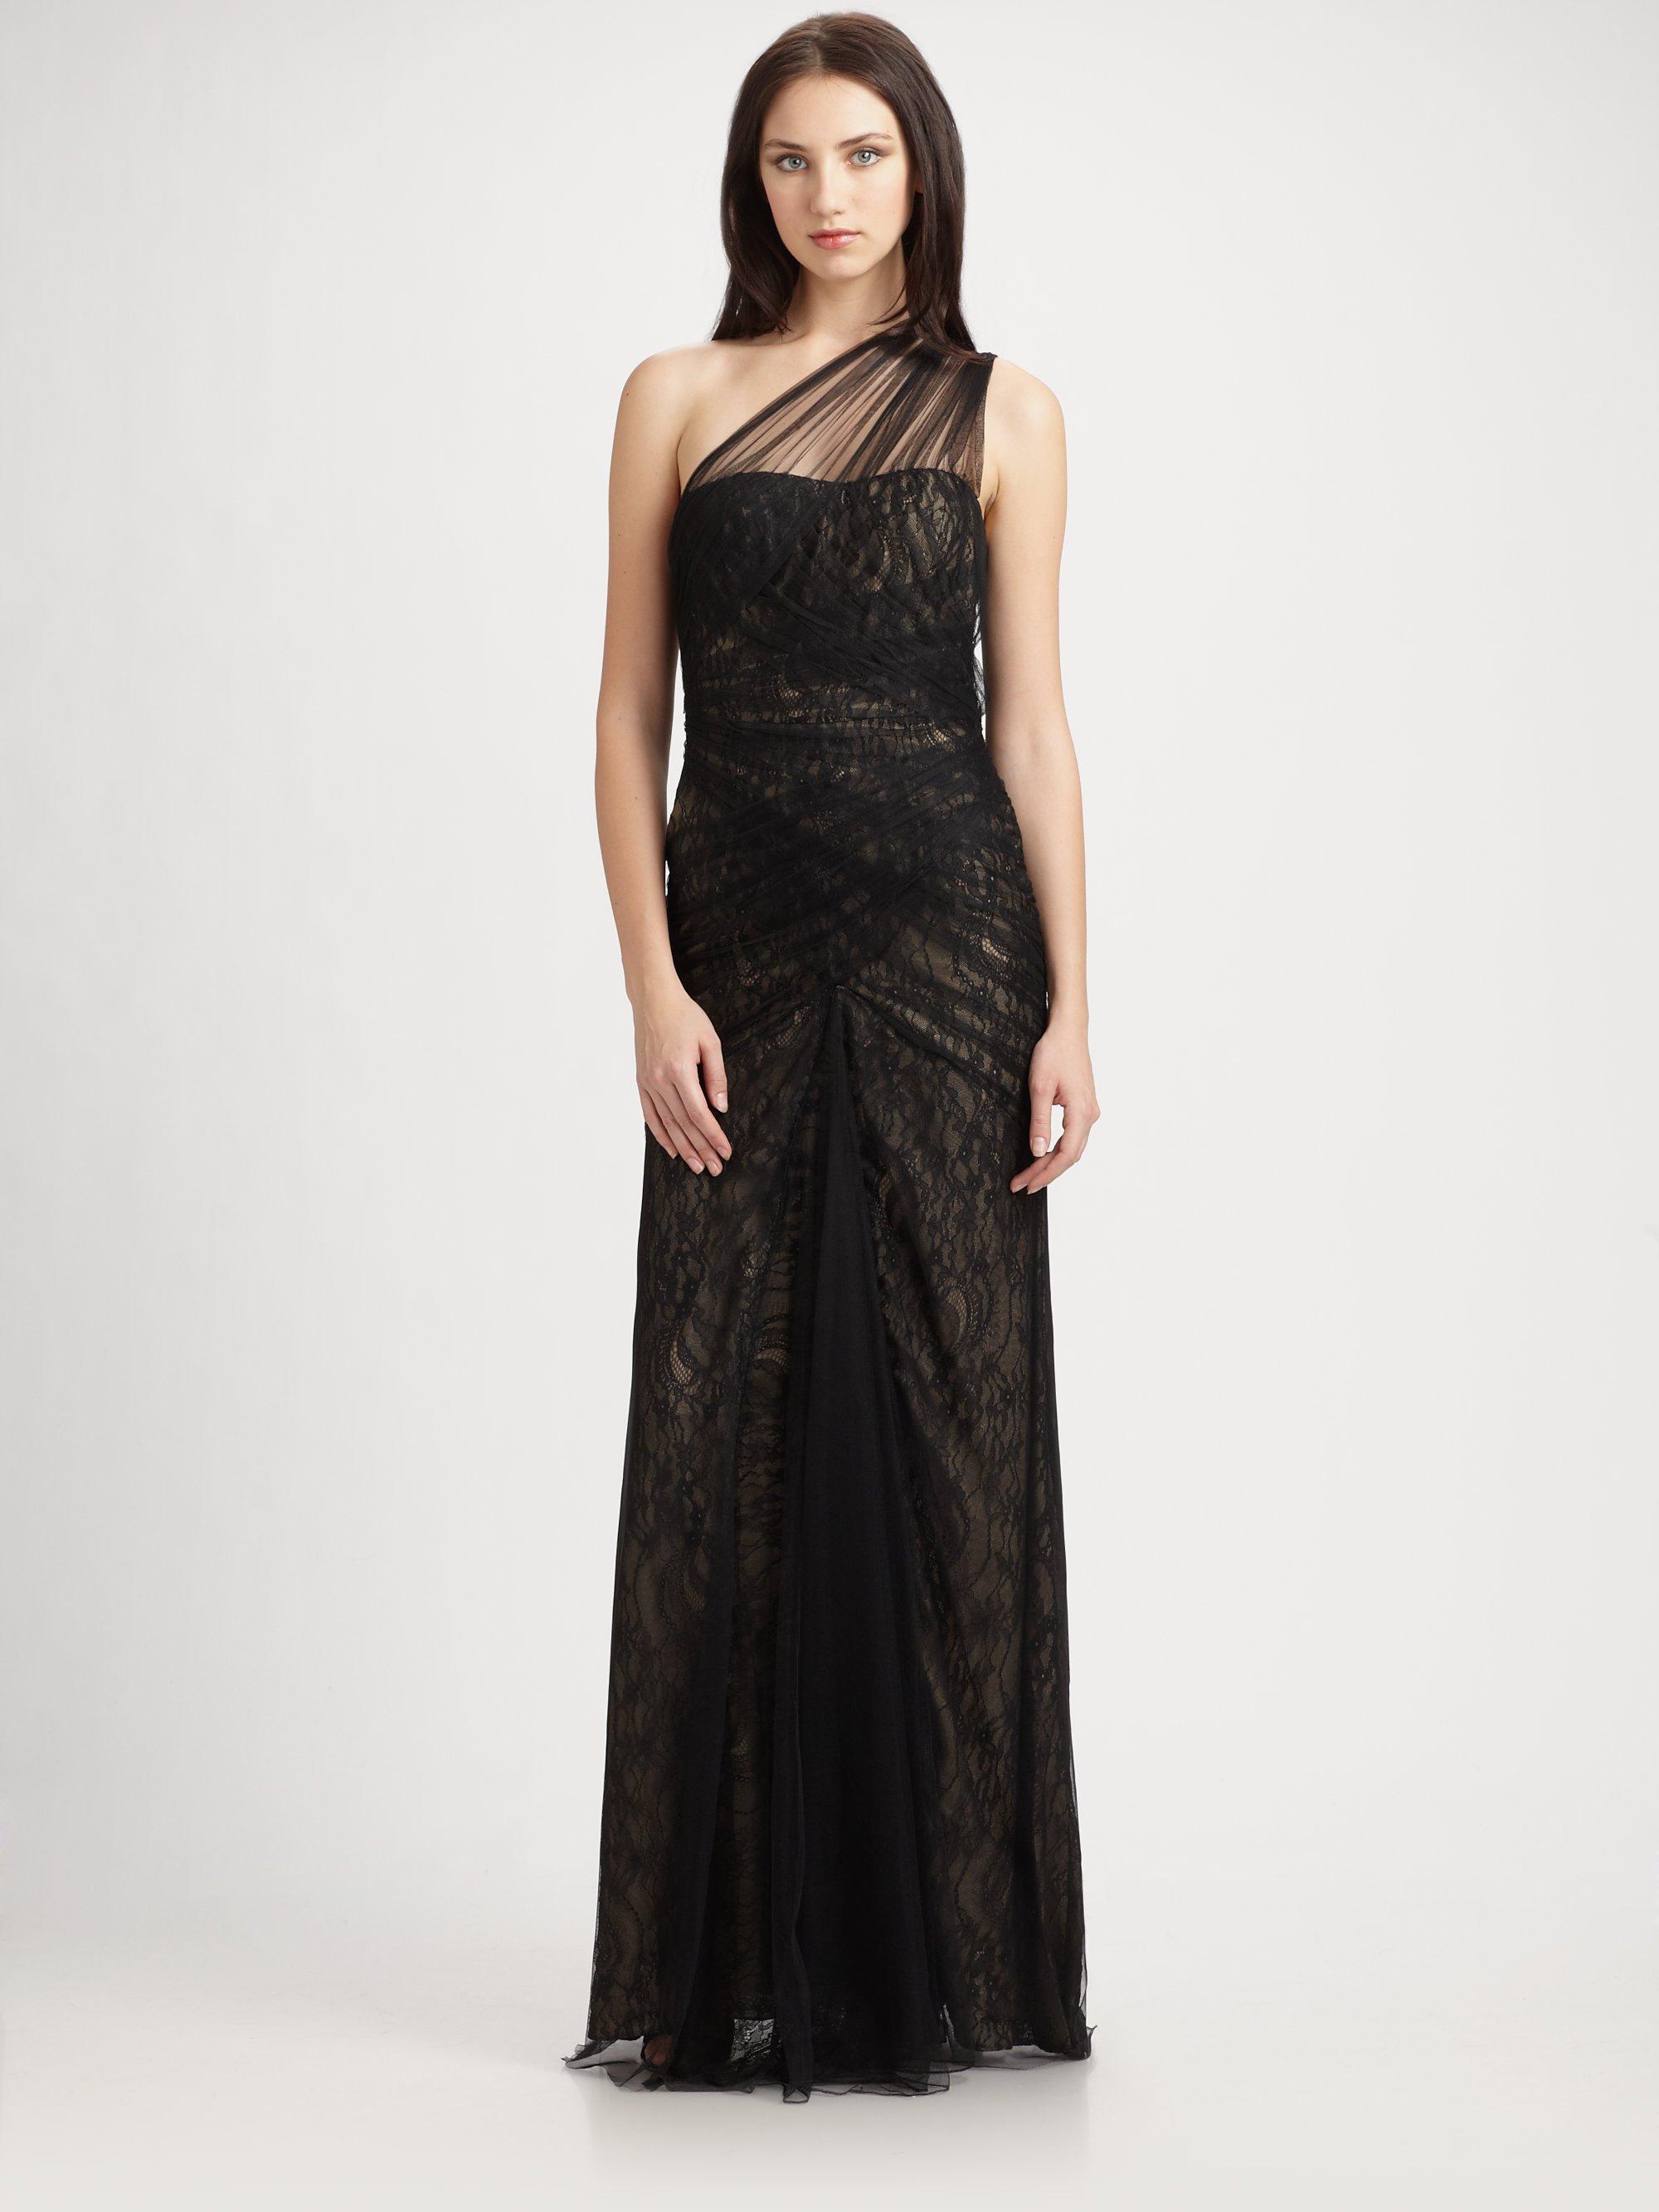 Monique Lhuillier Black Gown – fashion dresses